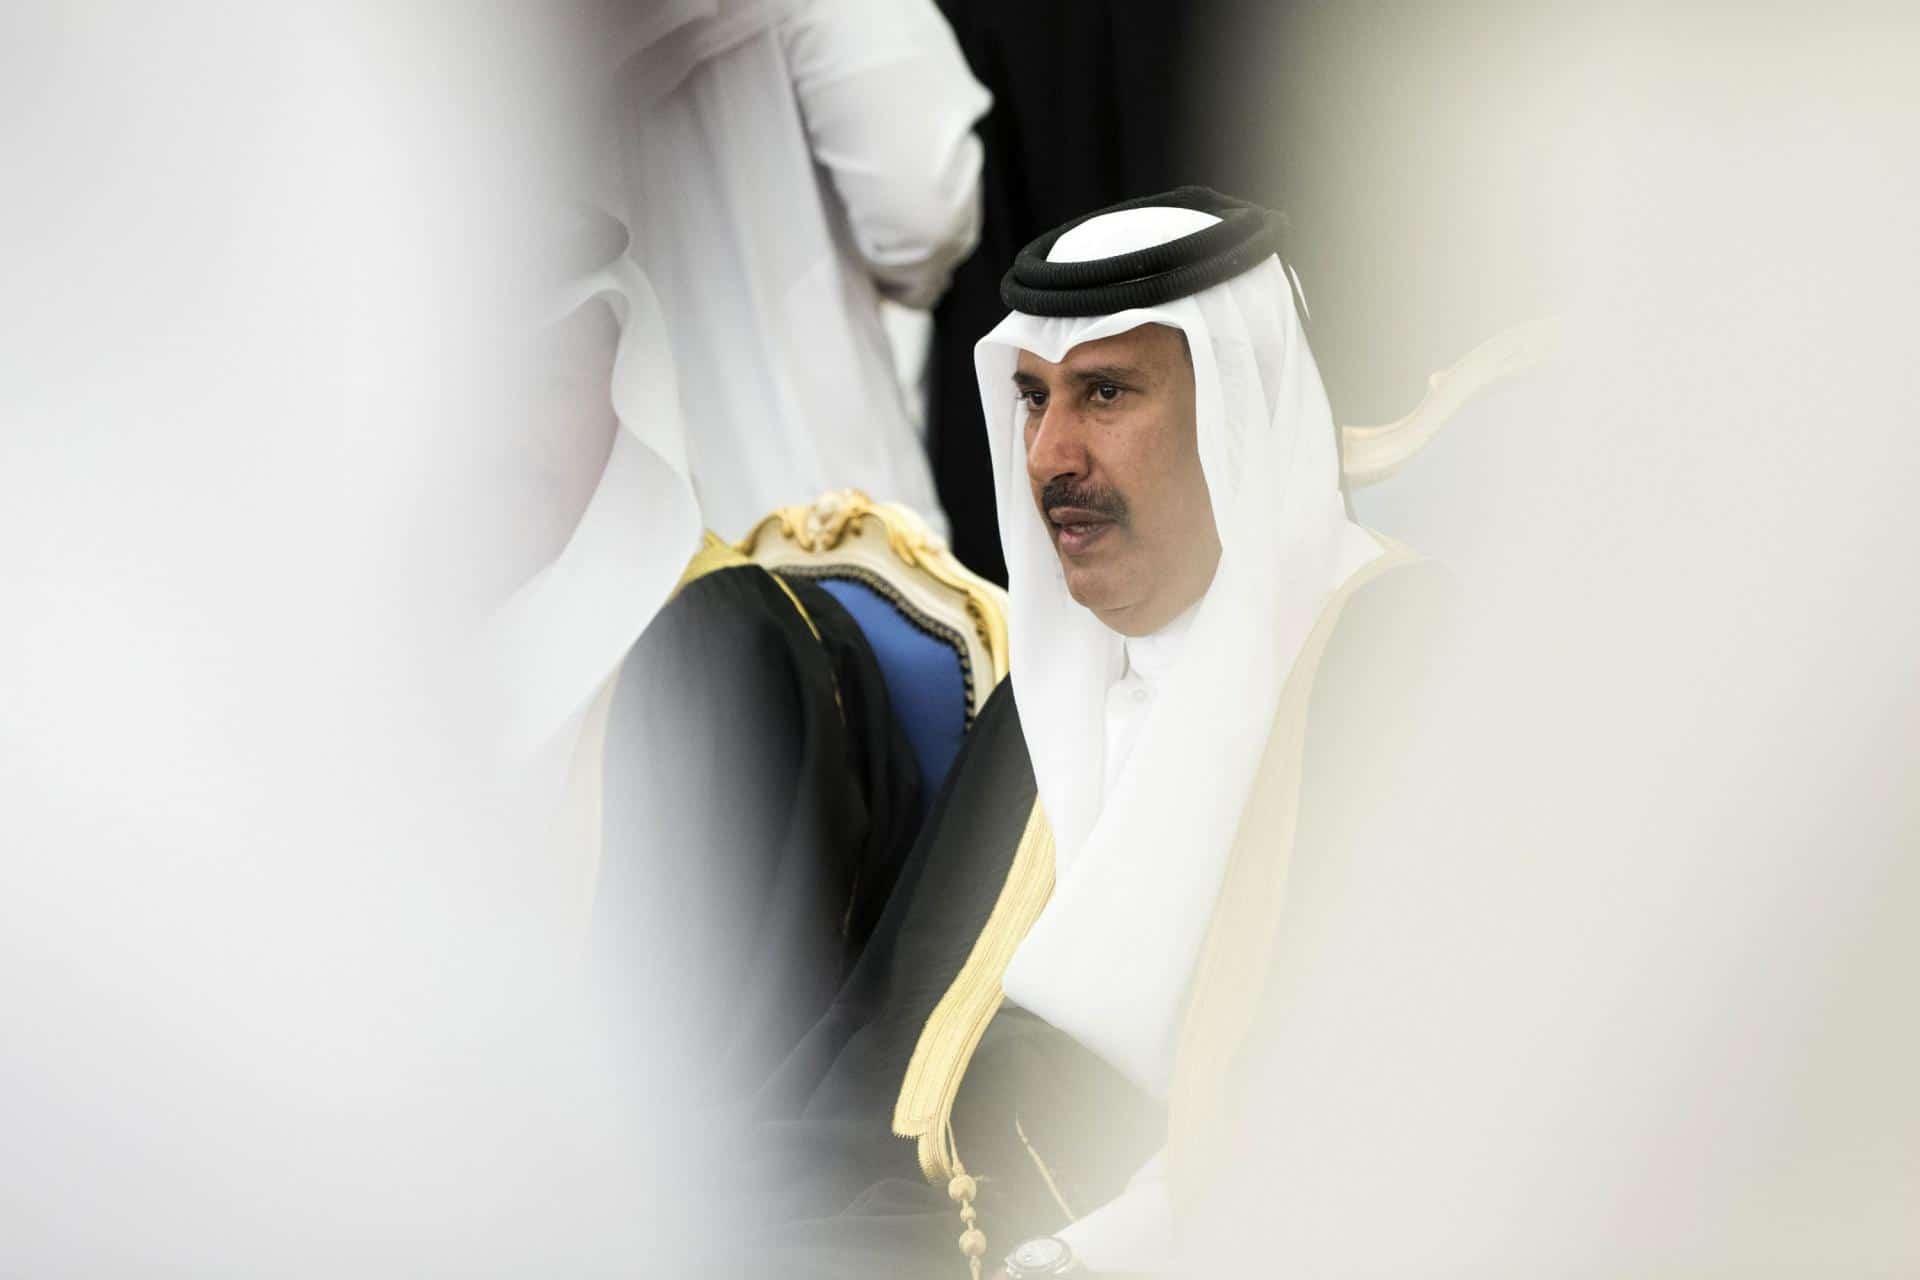 """هجوم مسيء وتطاول على الشيخ حمد بن جاسم  في صحيفة """"أخبار الخليج البحرينية"""""""